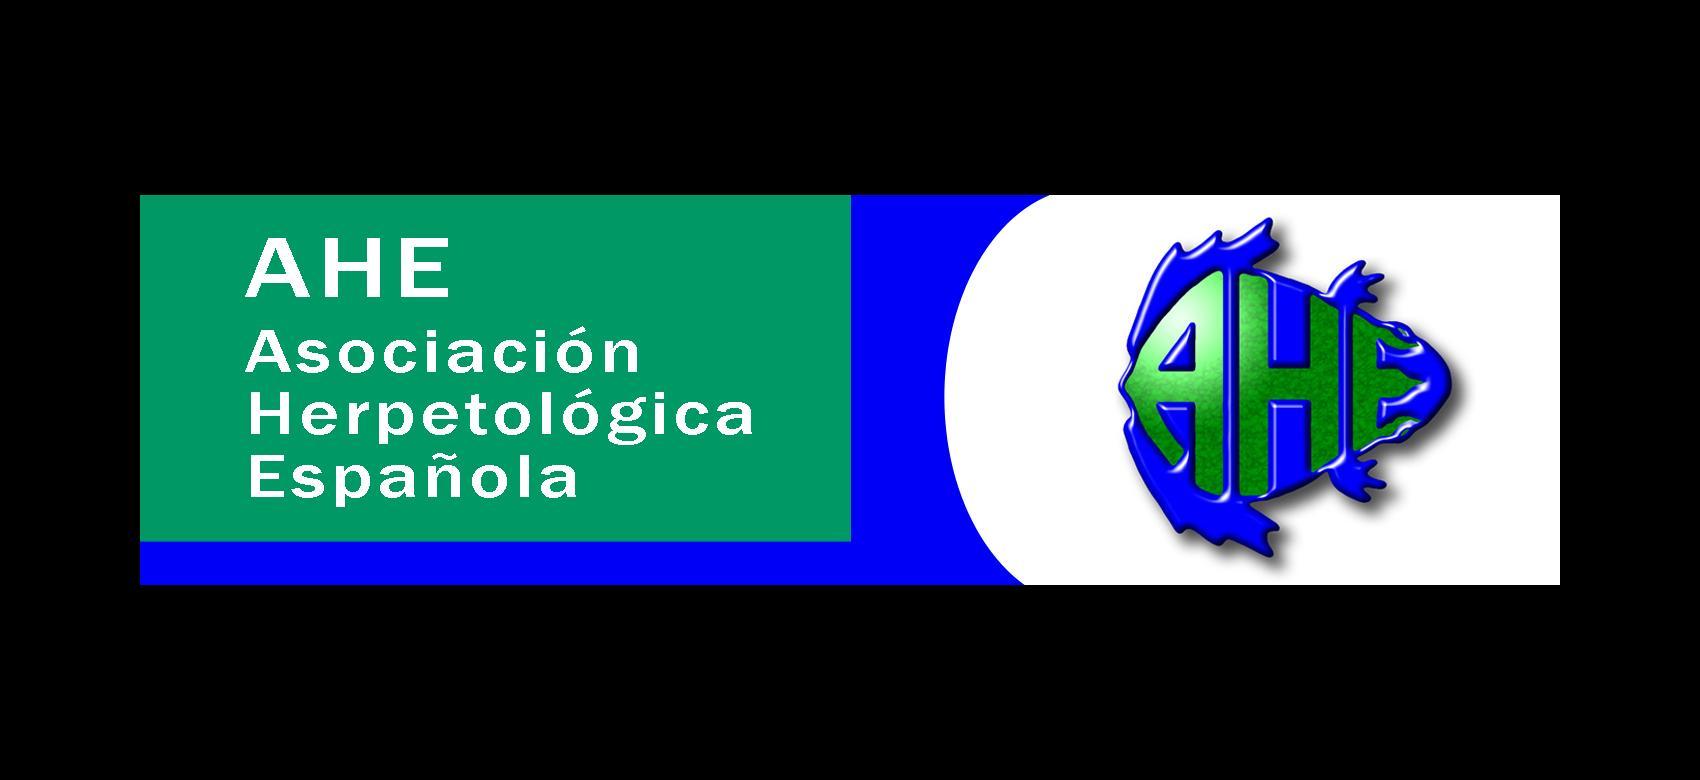 Asociación Herpetológica Española